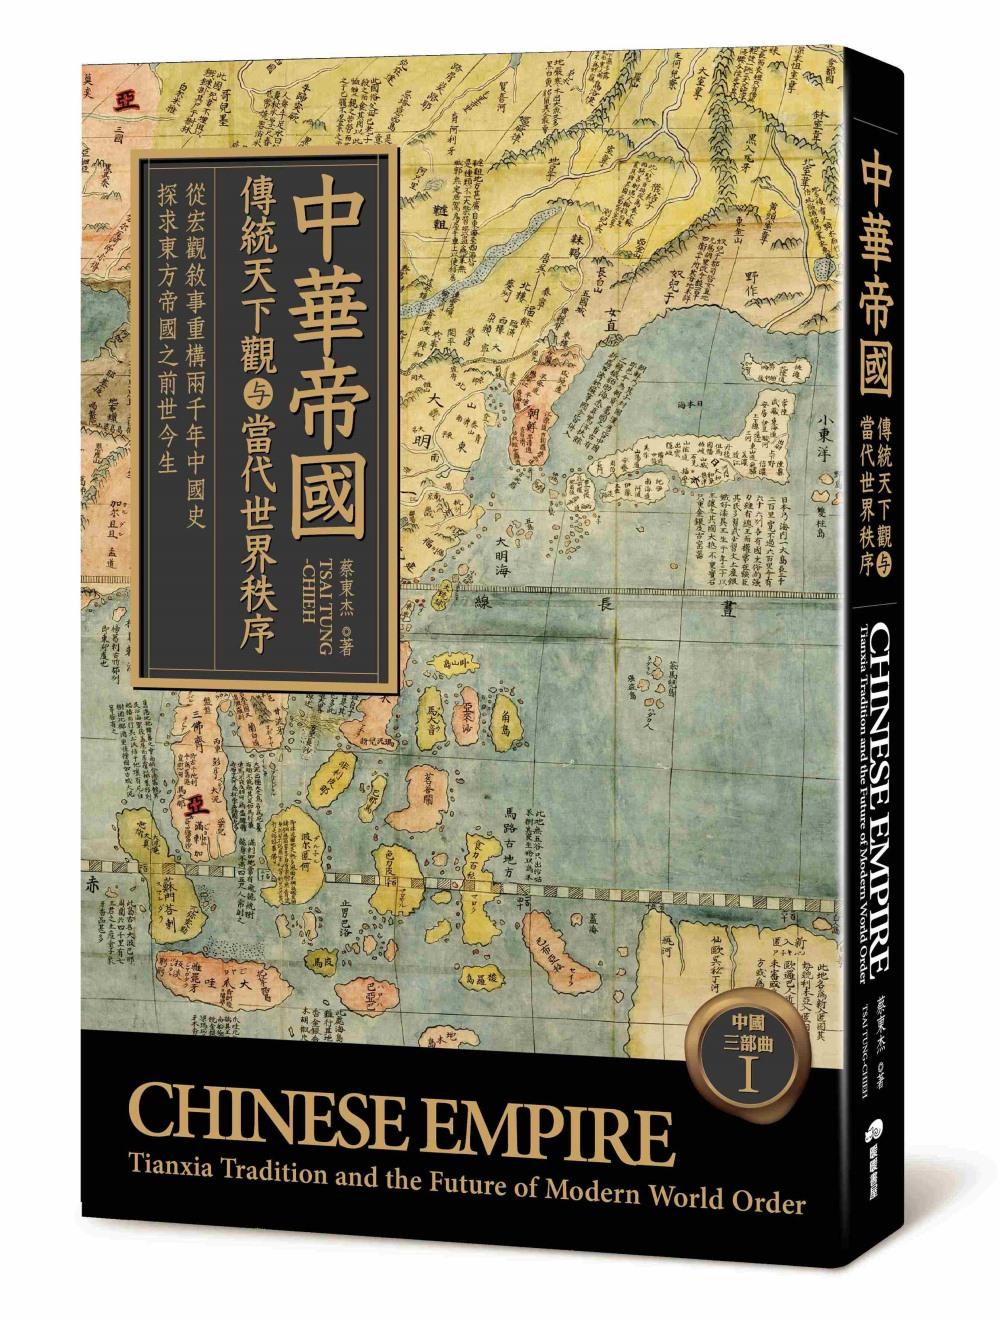 中華帝國:傳統天下觀与當代世界秩序